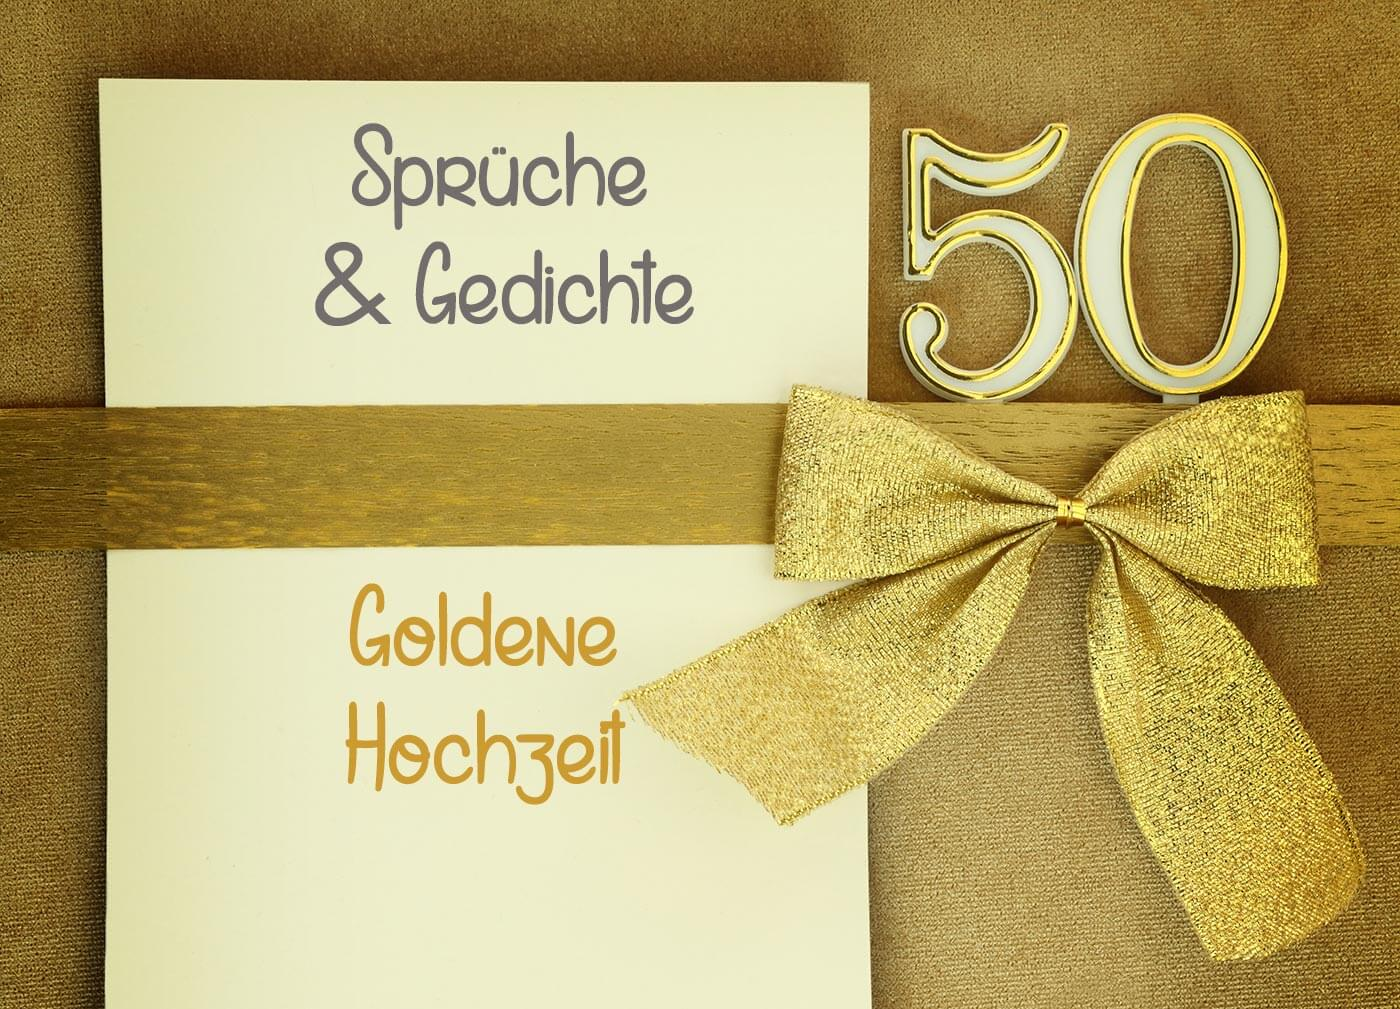 Sprche zur Goldenen Hochzeit Zitate Gedichte Bibelverse